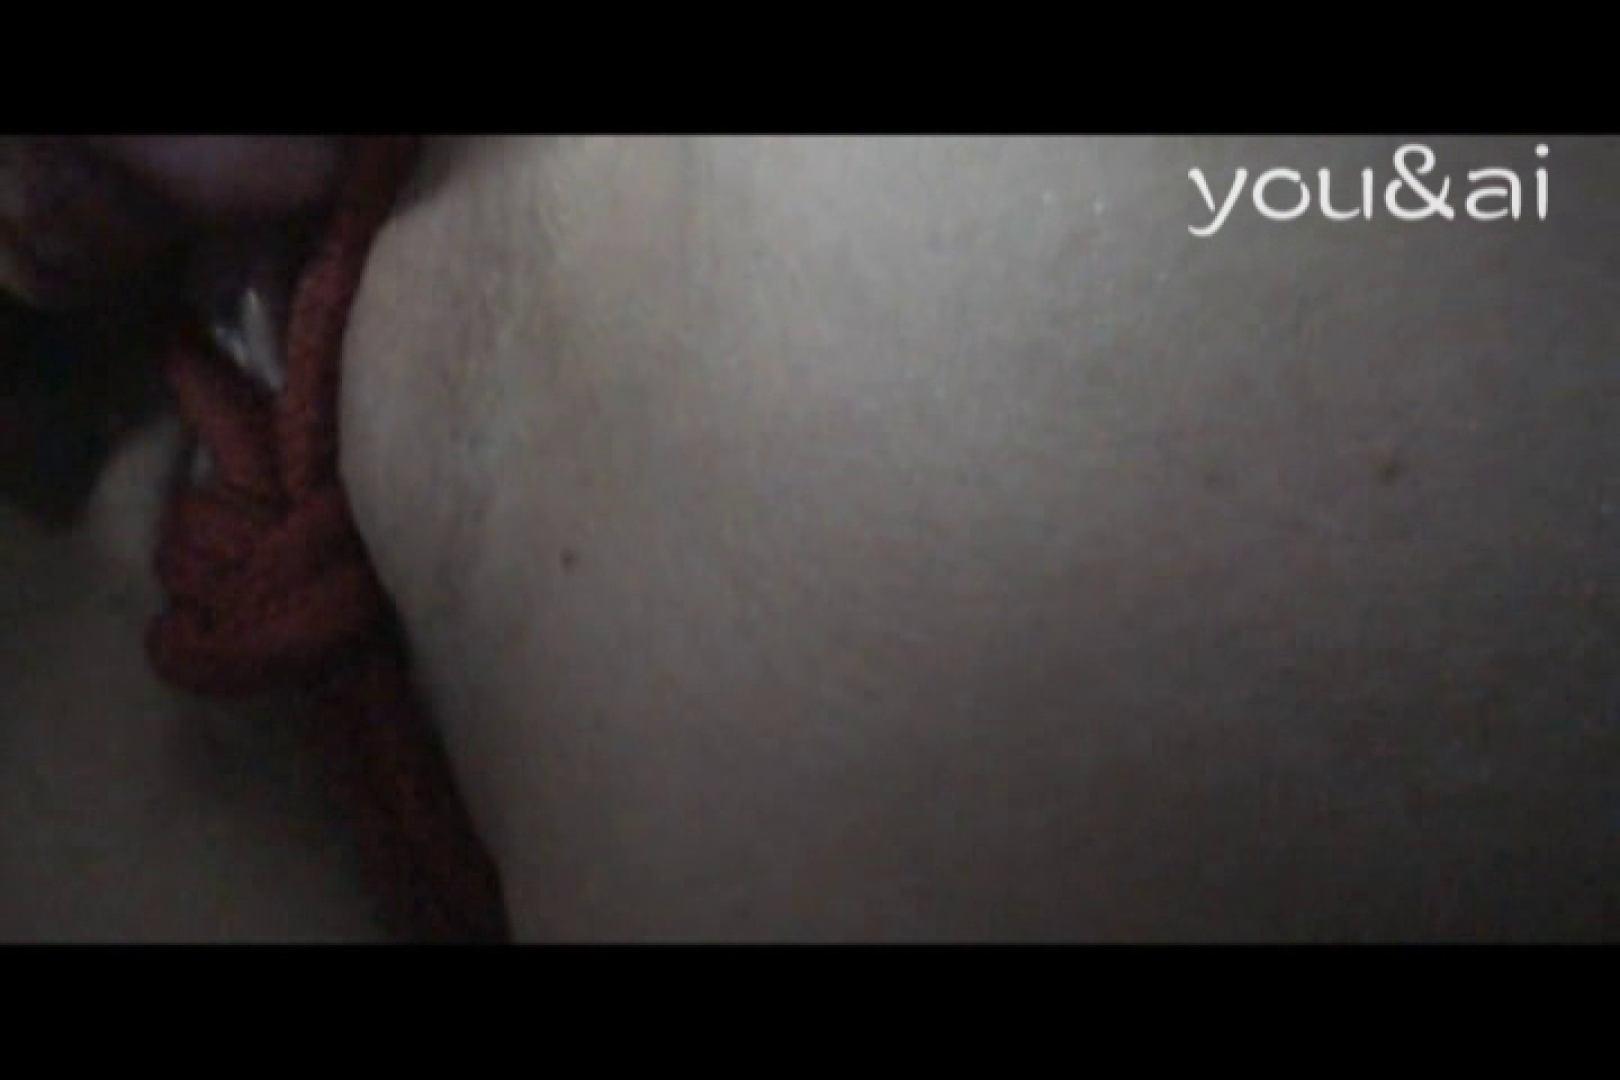 おしどり夫婦のyou&aiさん投稿作品vol.4 投稿  104枚 21